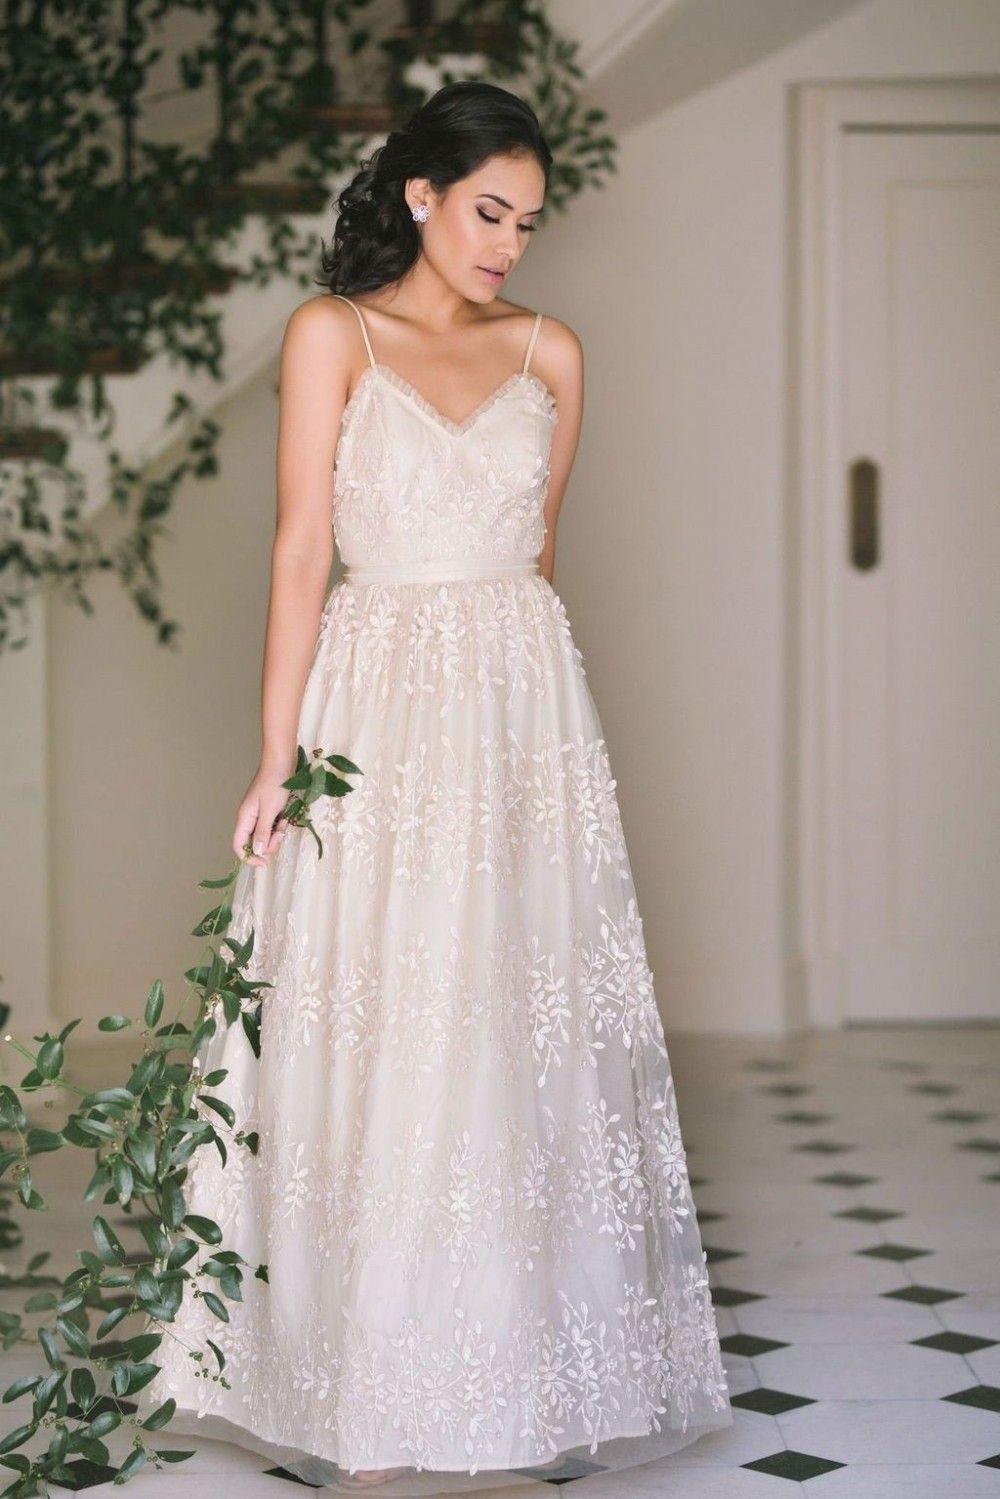 30 Neueste White Beach Kleider Ideen Für Die Hochzeit